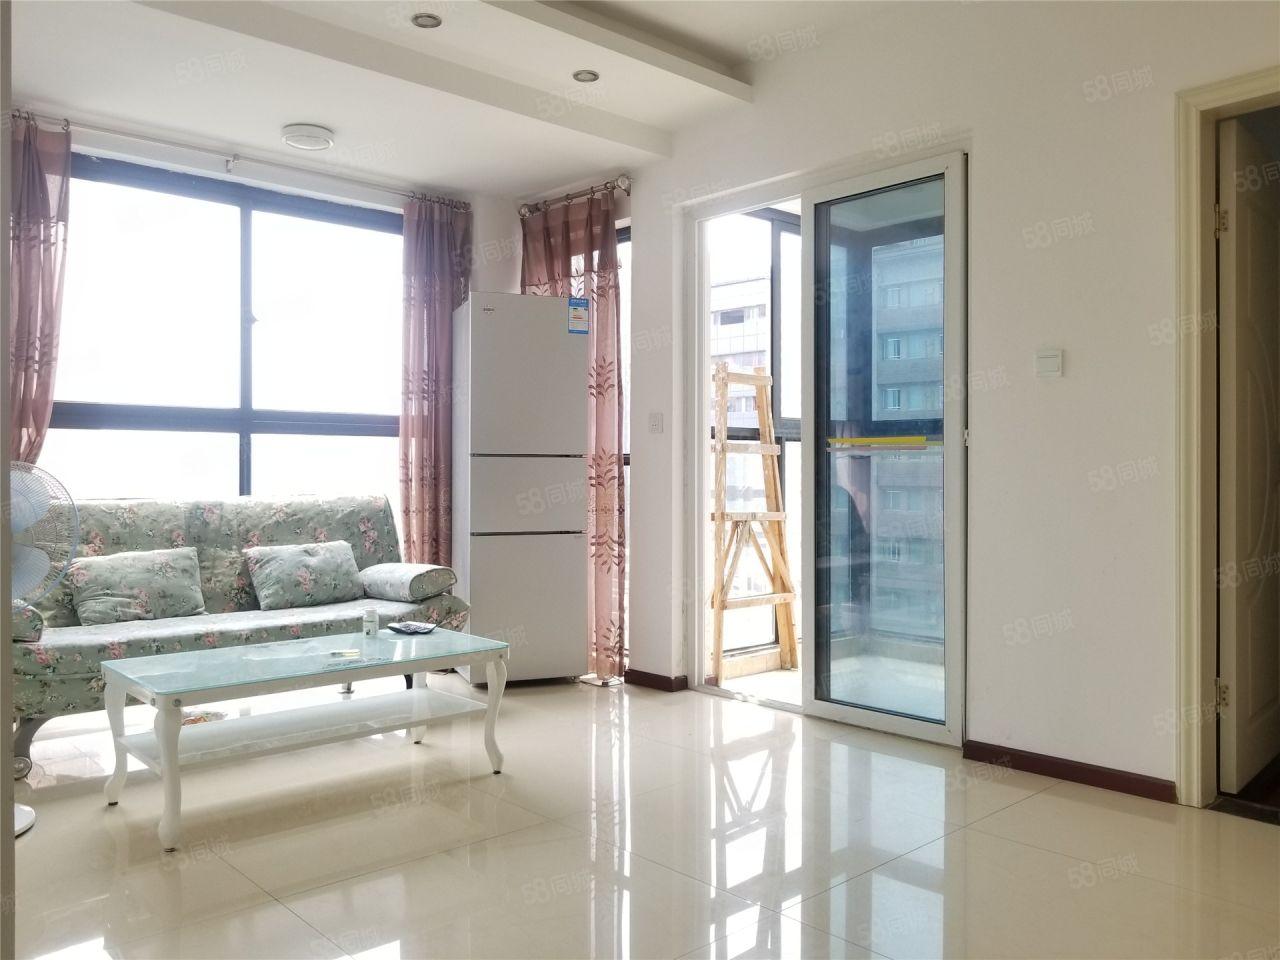 首付24万买客厅双面落地窗客厅阳台卧室阳台无敌视野尊享采光